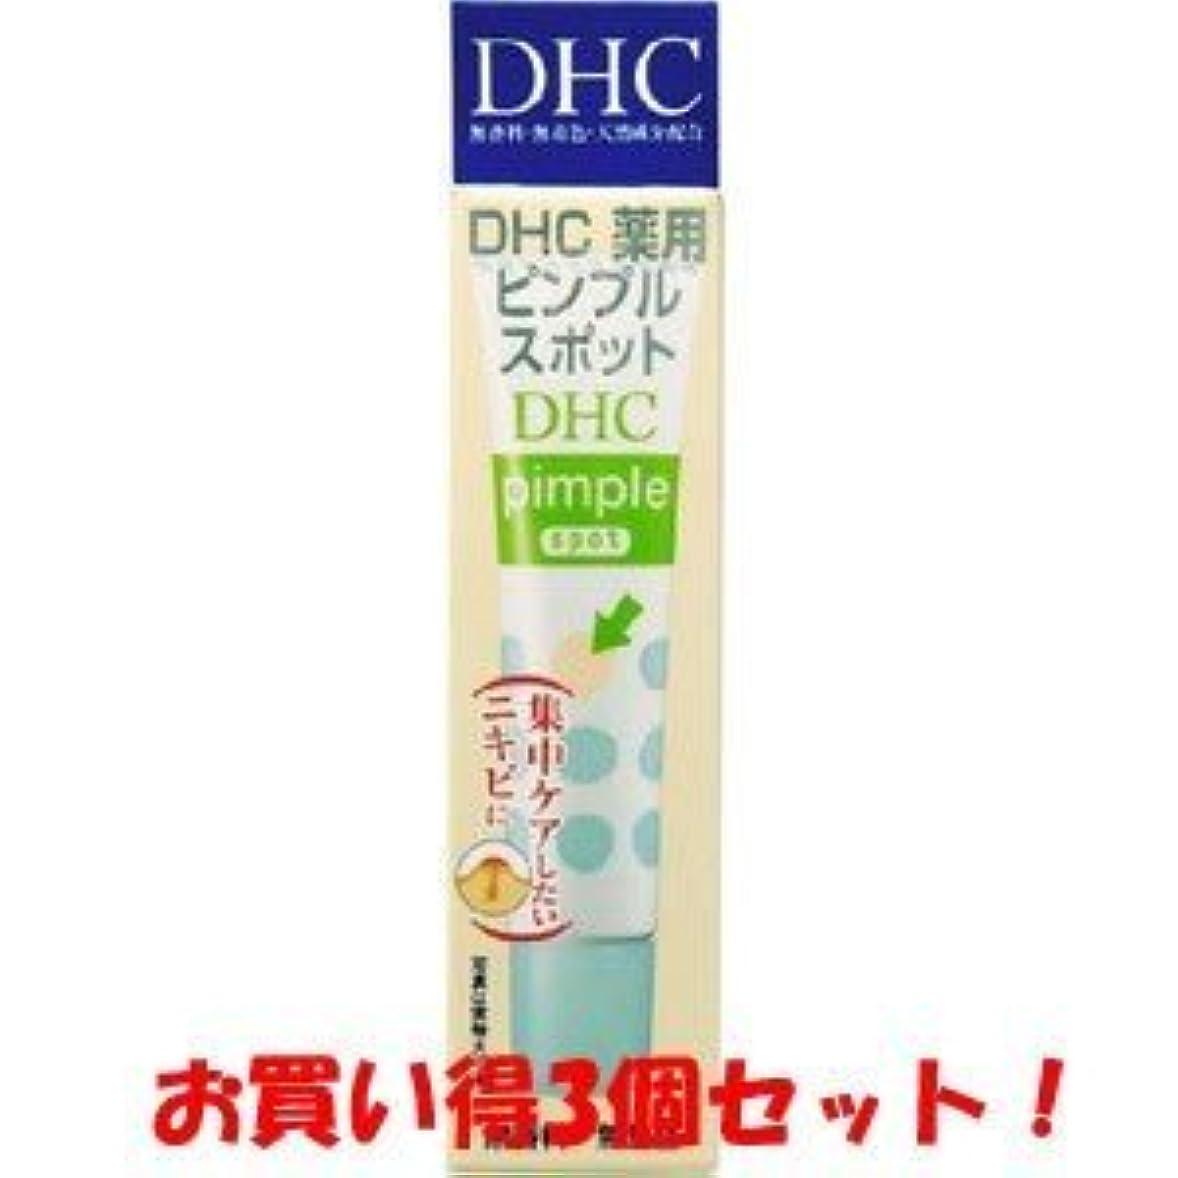 潜む防ぐ非互換DHC 薬用ピンプルスポット 15ml(医薬部外品)(お買い得3個セット)